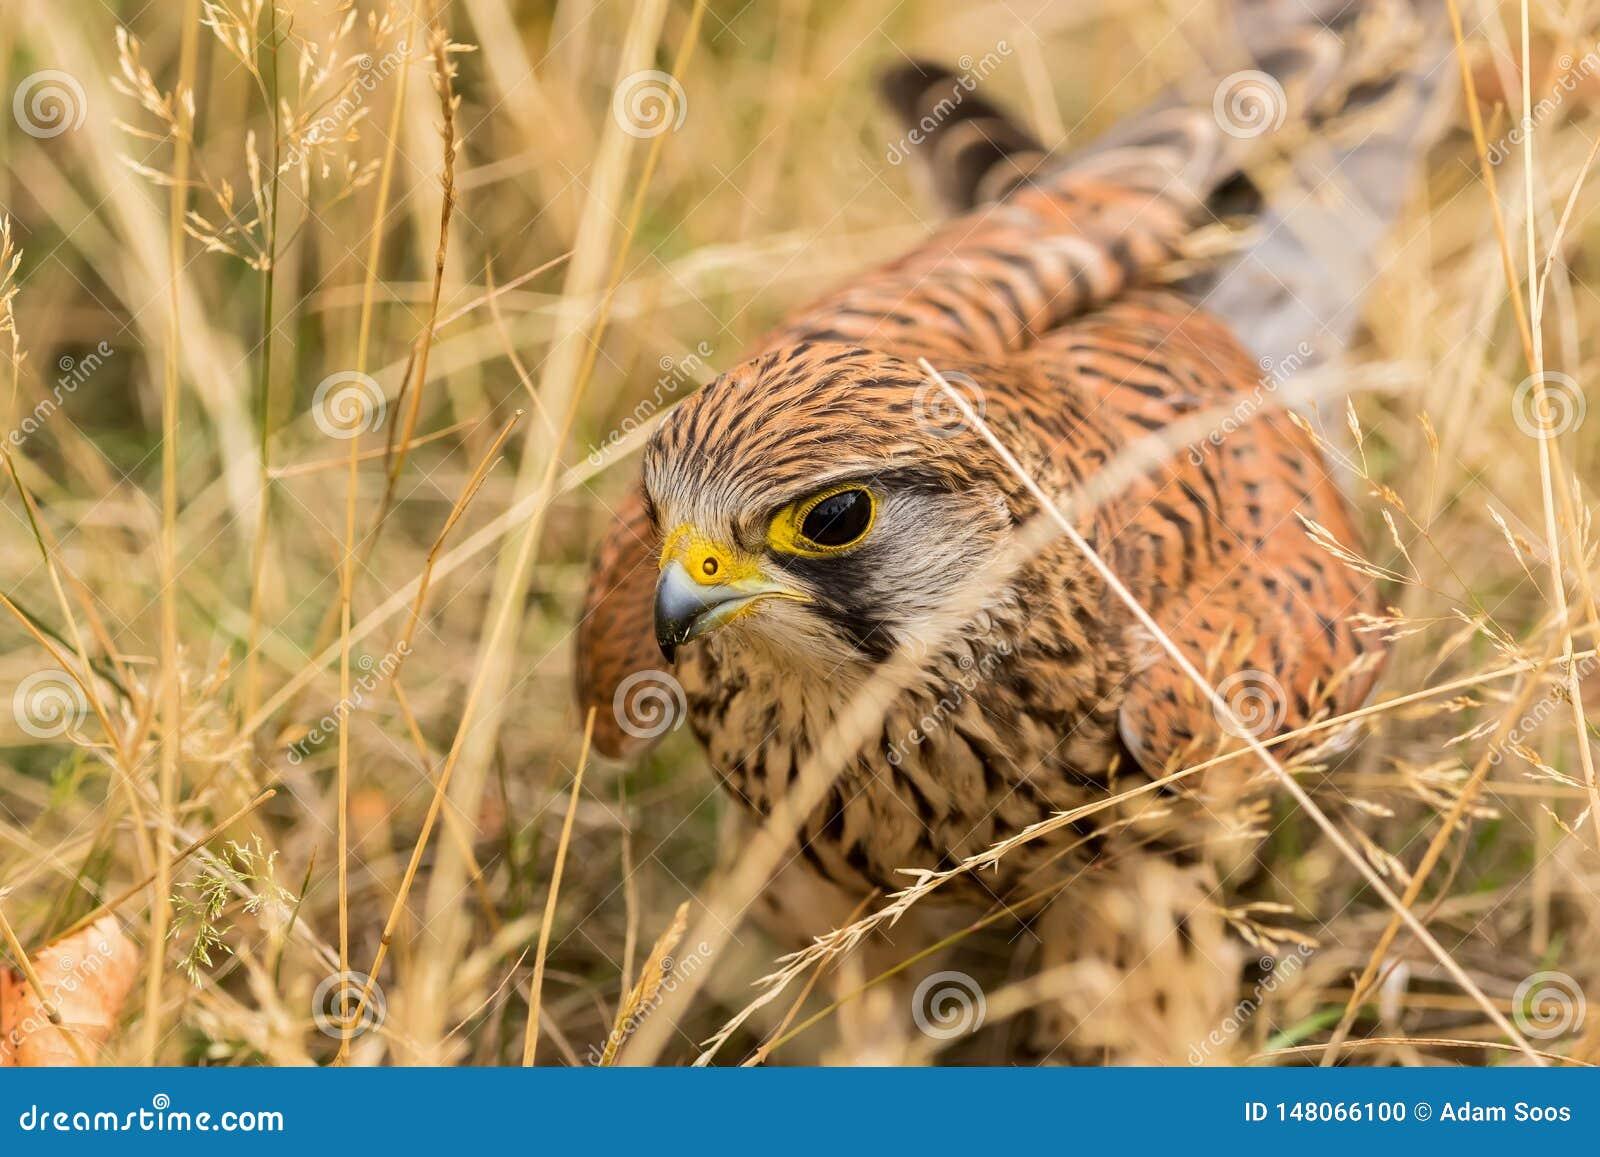 Κοινό γεράκι, ένα από τα πιό κοινά πουλιά του θηράματος